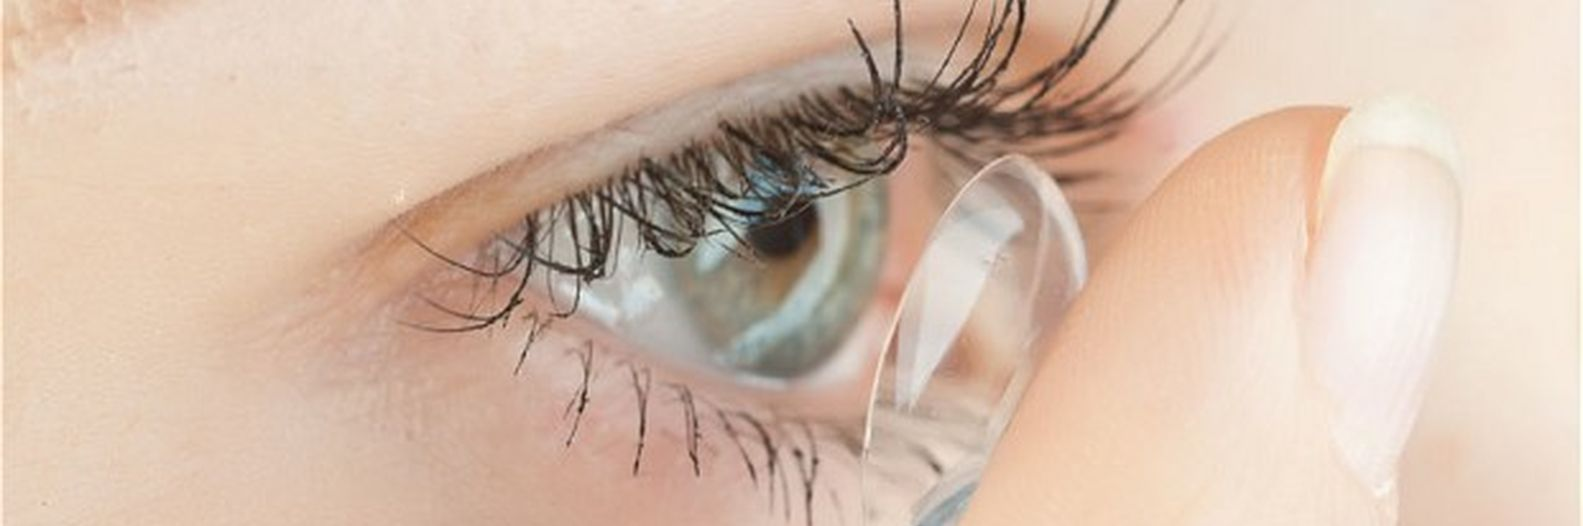 Avantages des lentilles de contact : tout ce que vous devez savoir